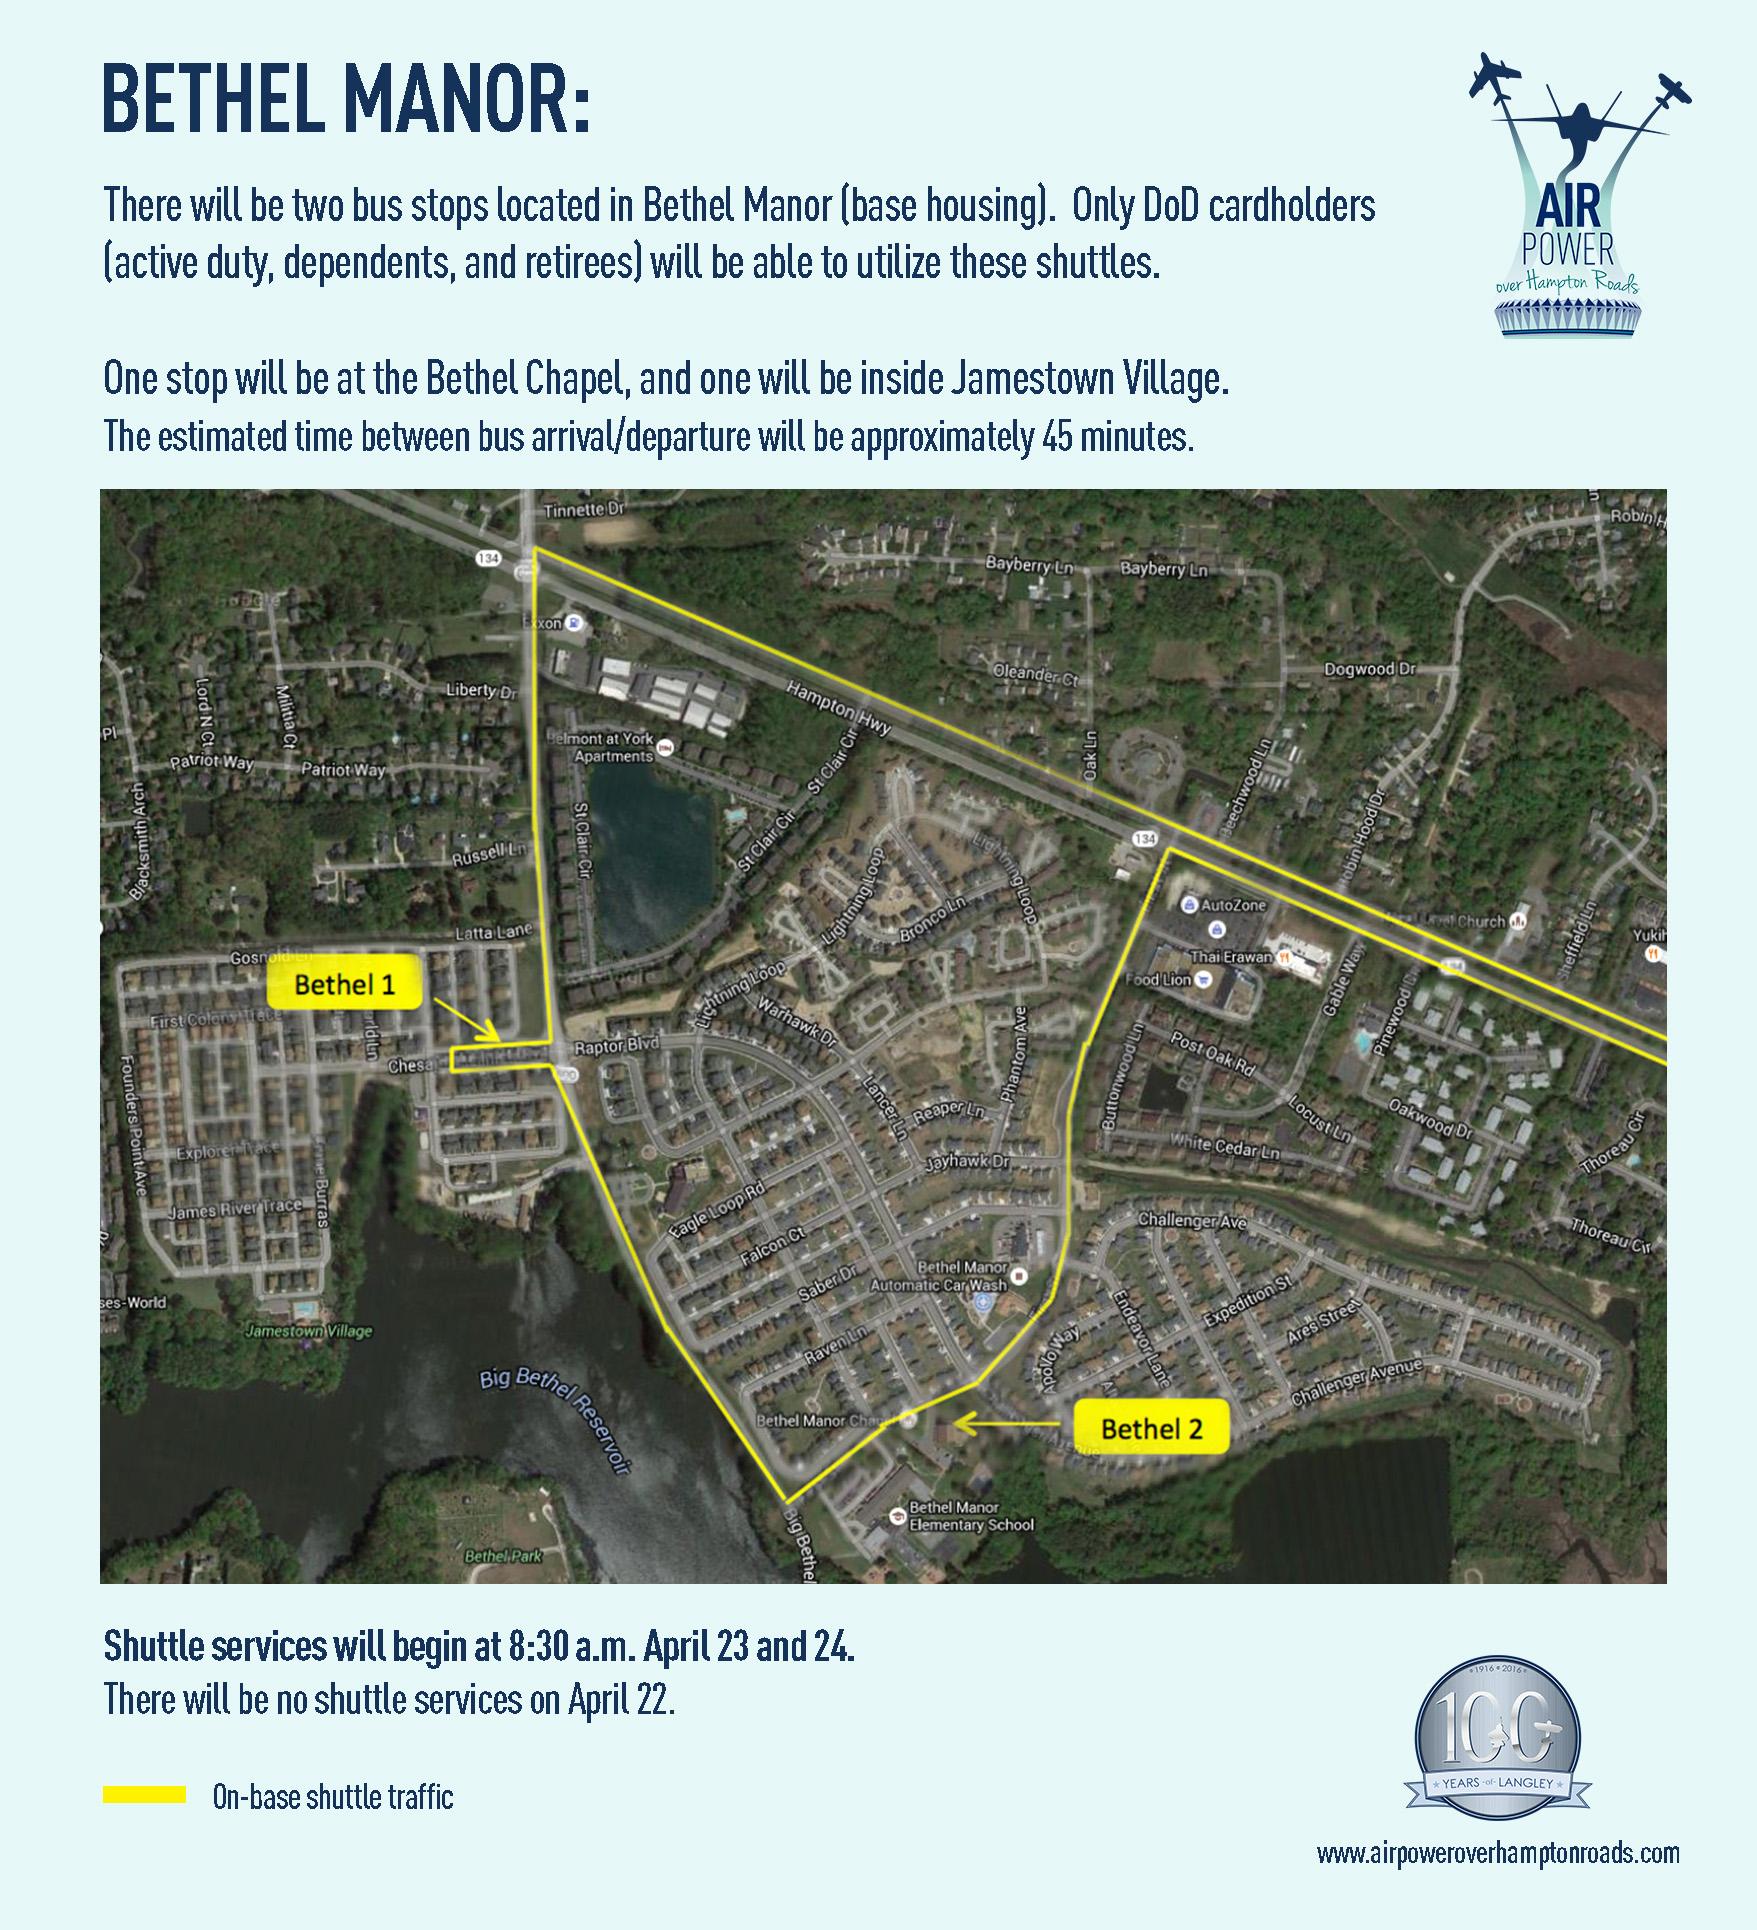 Bethel Manor parking info